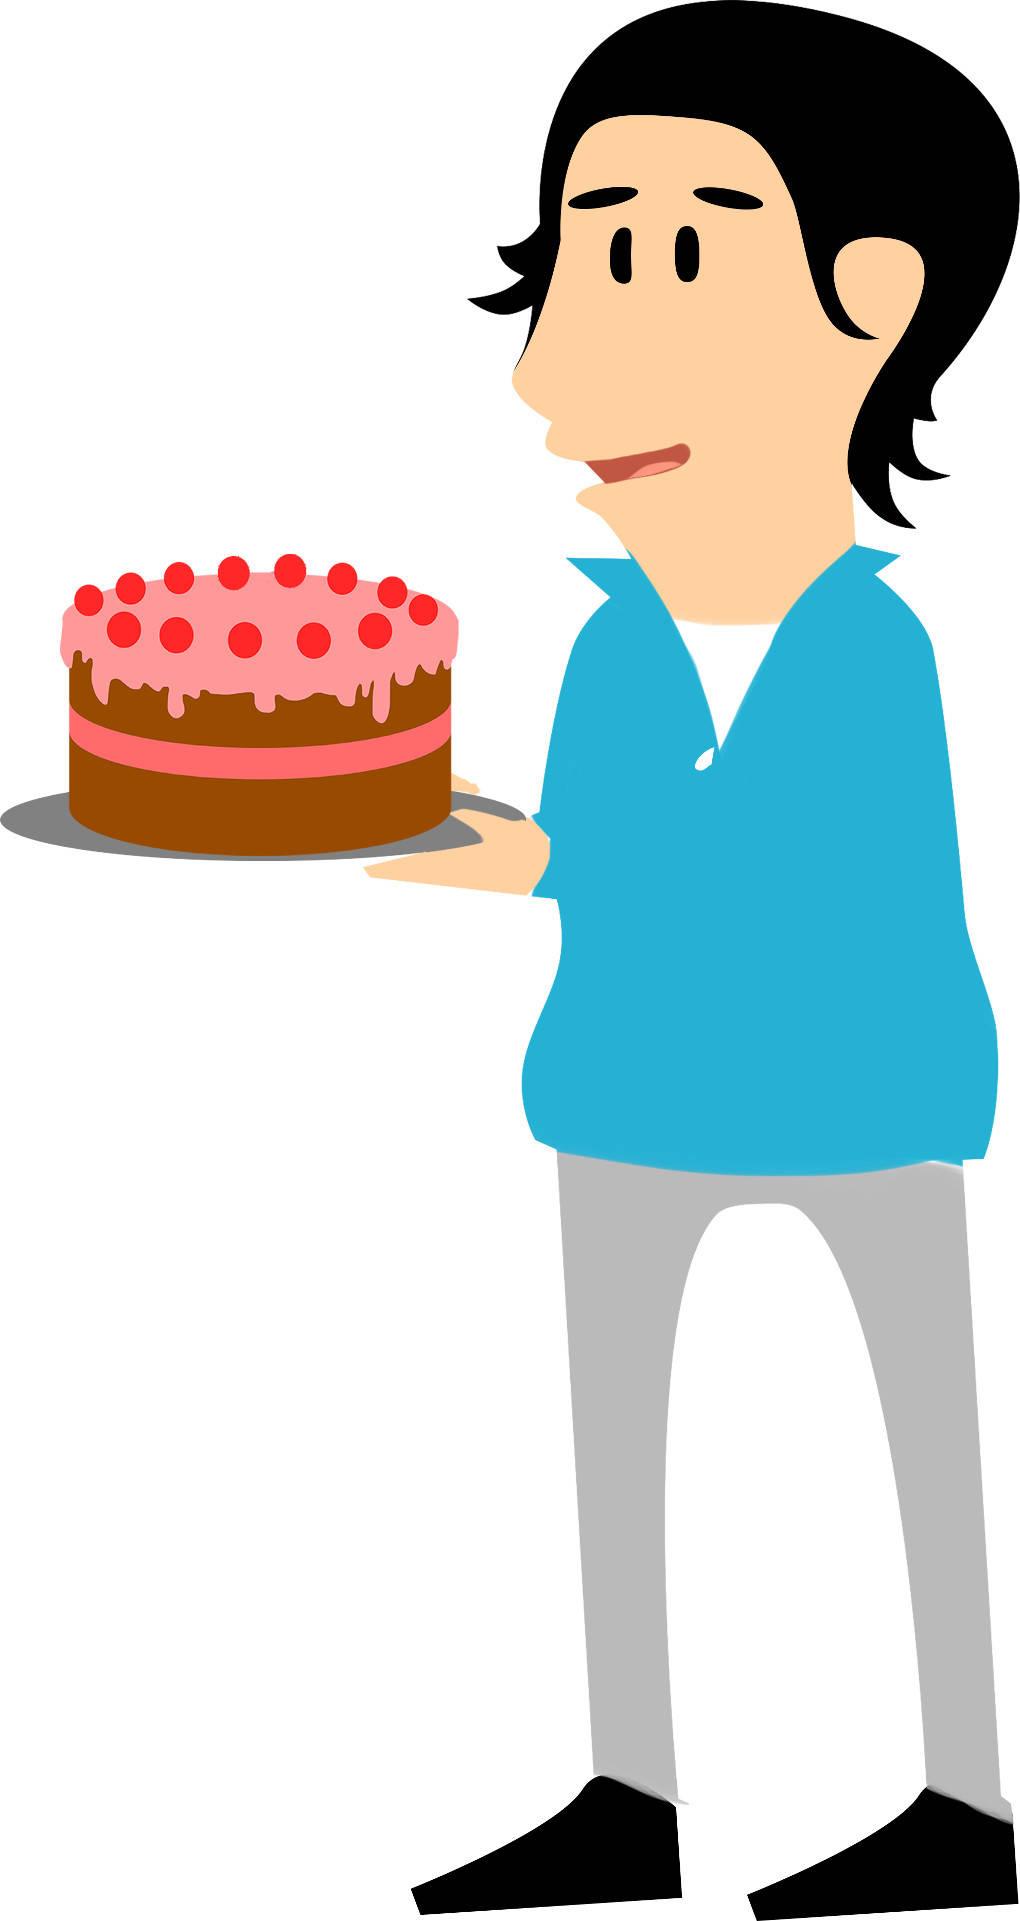 Charles bringt einen Kuchen